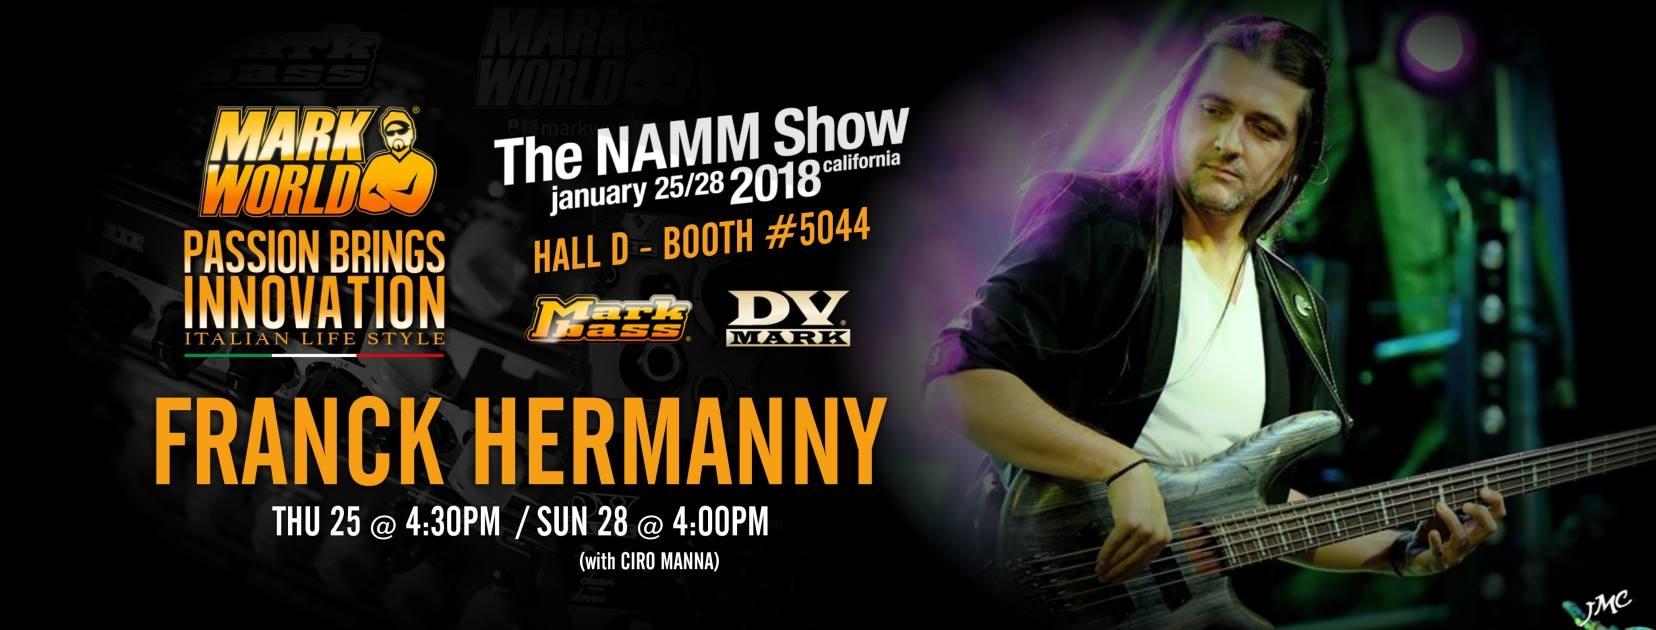 Franck Hermanny show Namm 2018